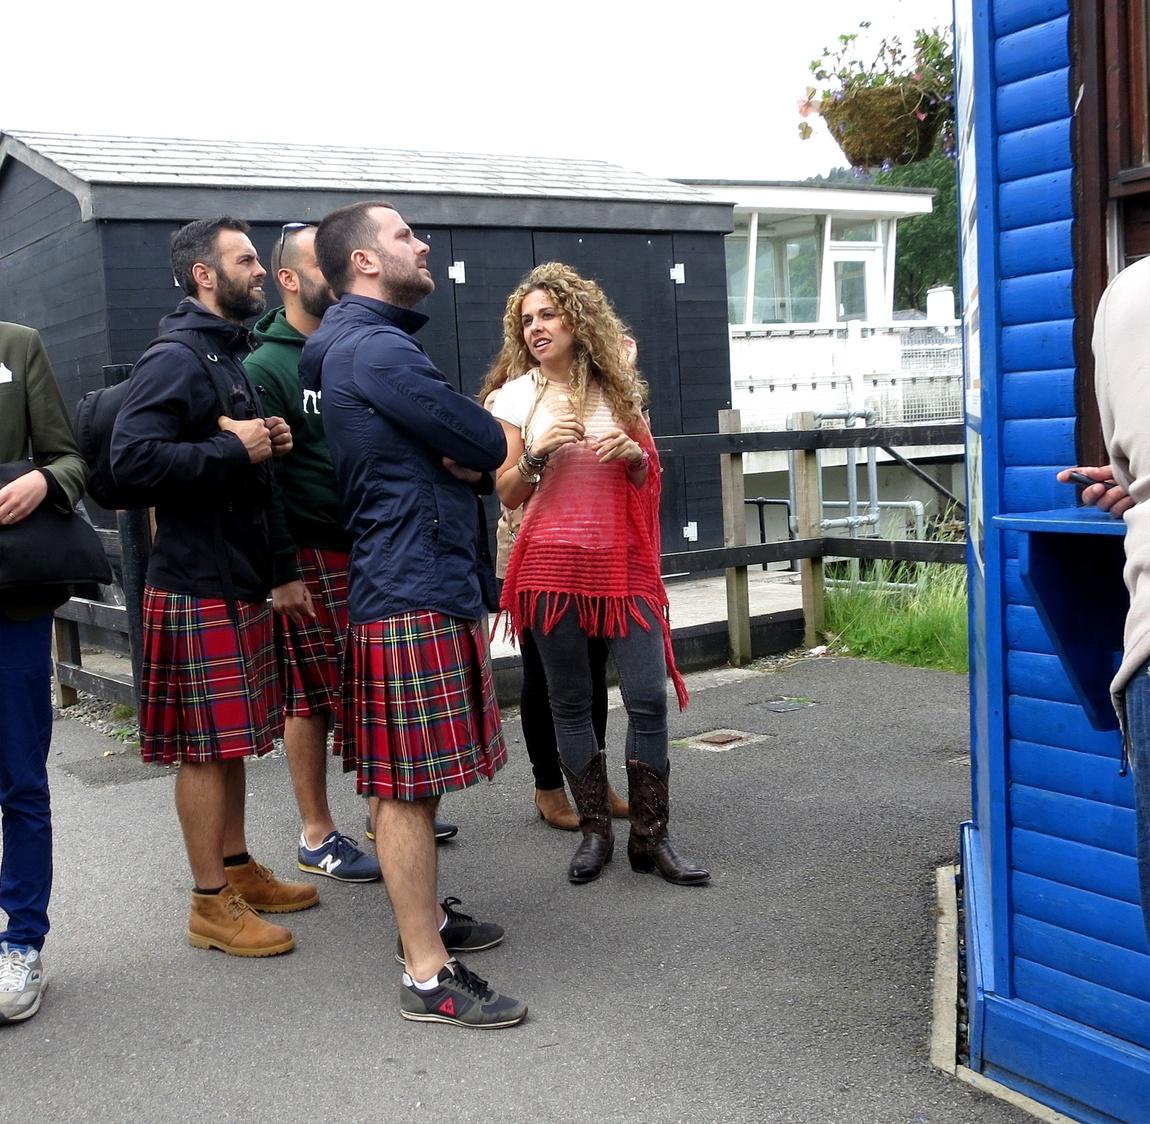 """Шотландцы в юбках, или туристы под """"шотландцев"""" в одинаковых юбках. (Шотландия)."""